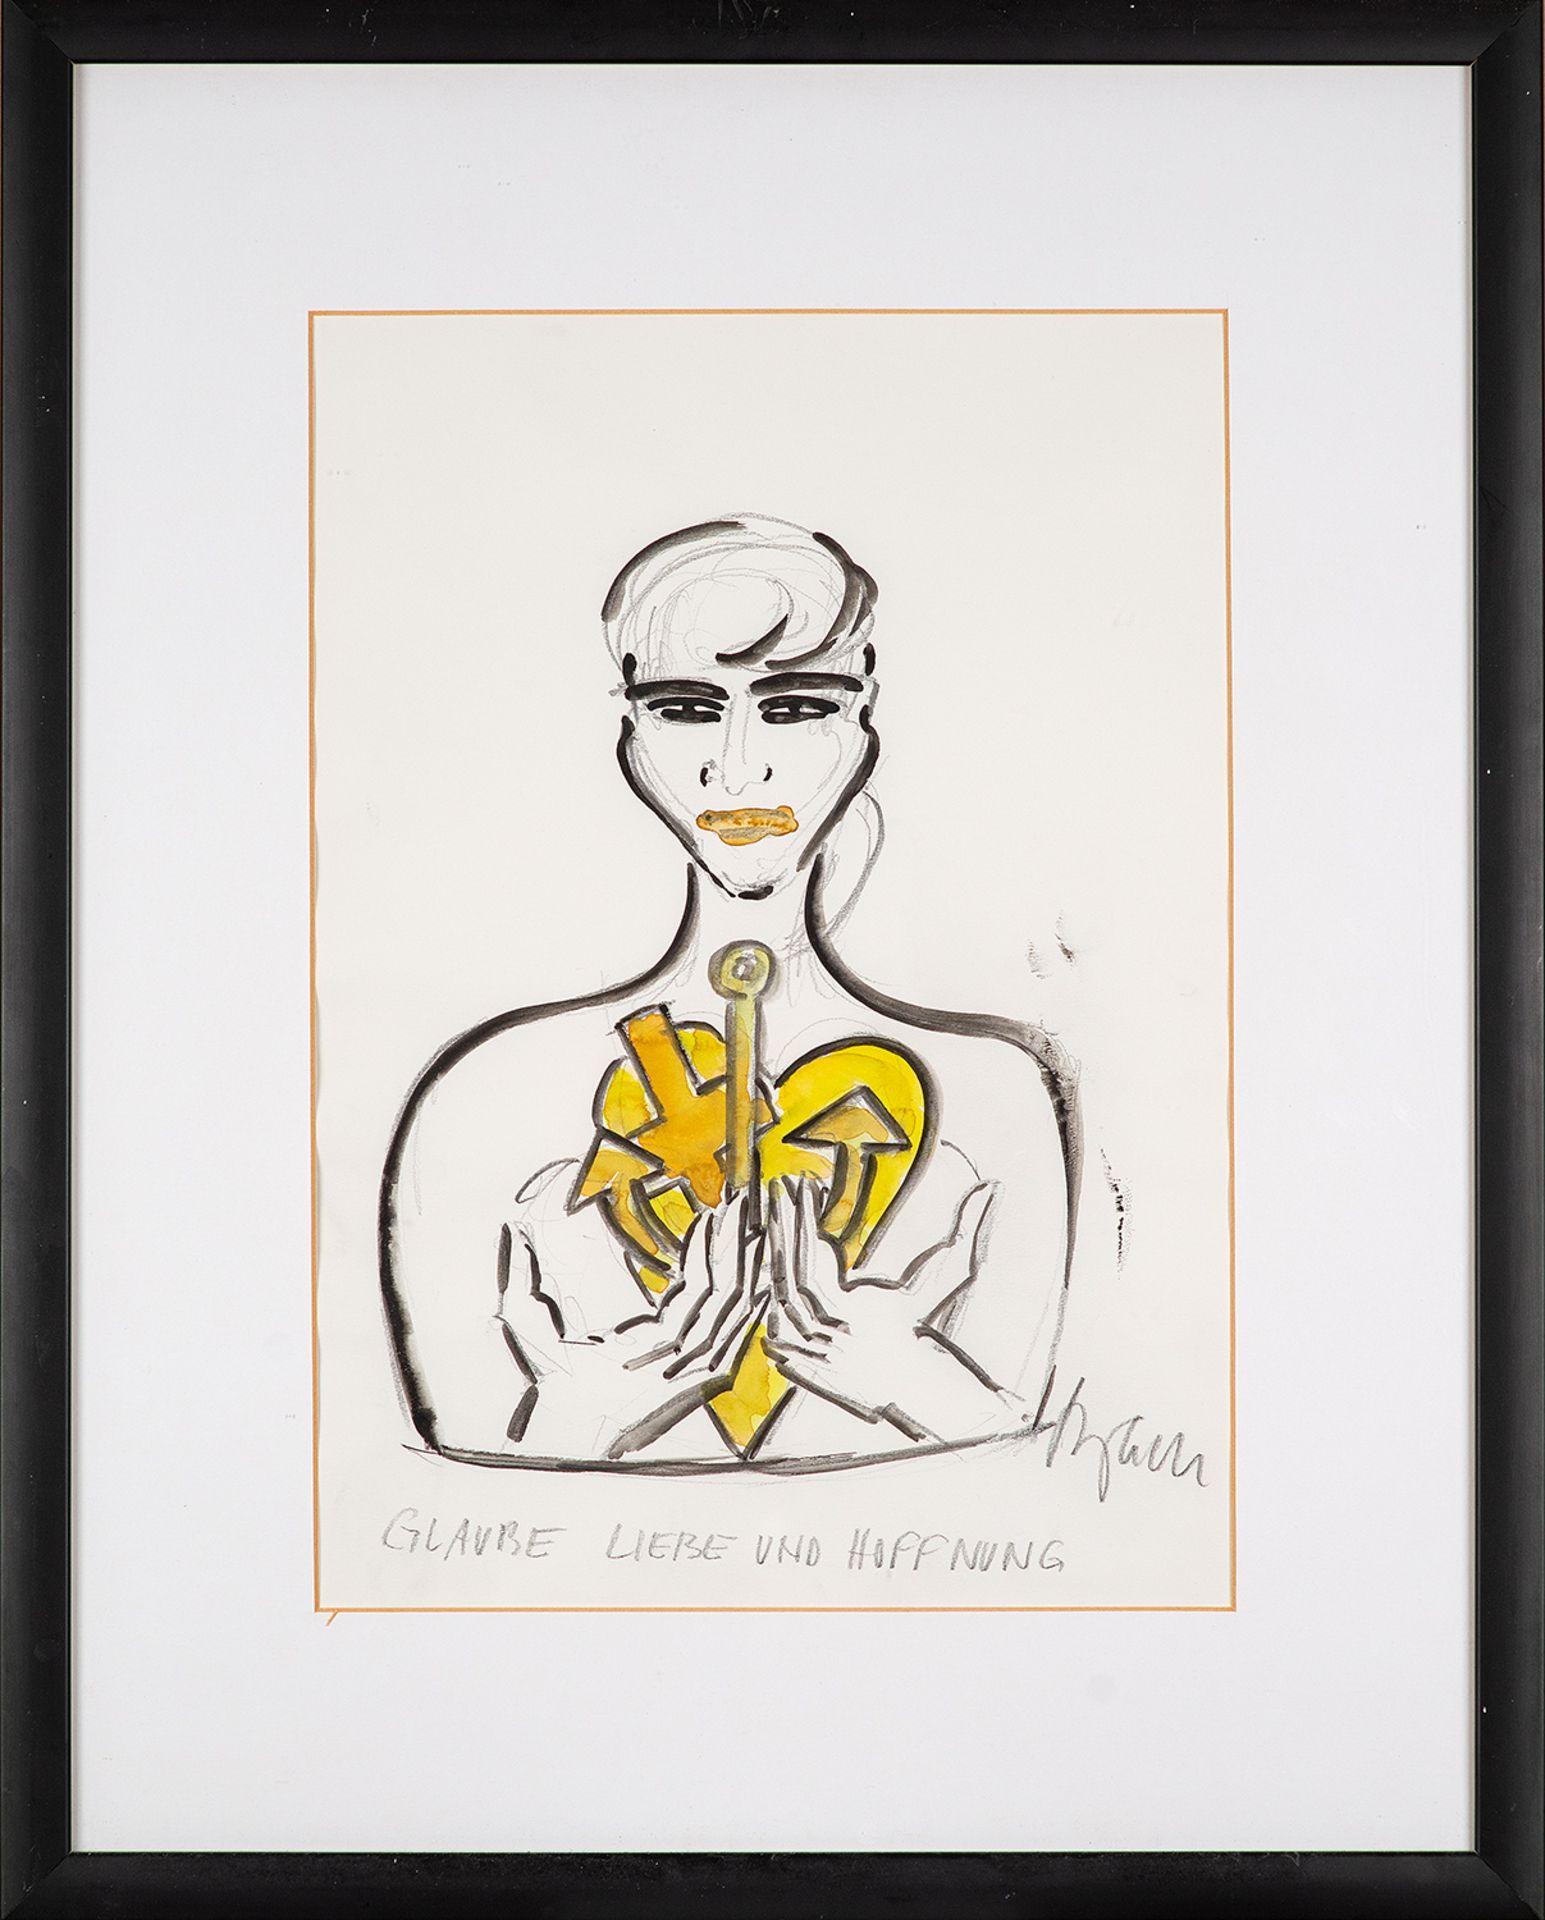 Elvira Bach – Glaube. Liebe und Hoffnung. o. J. - Image 2 of 4